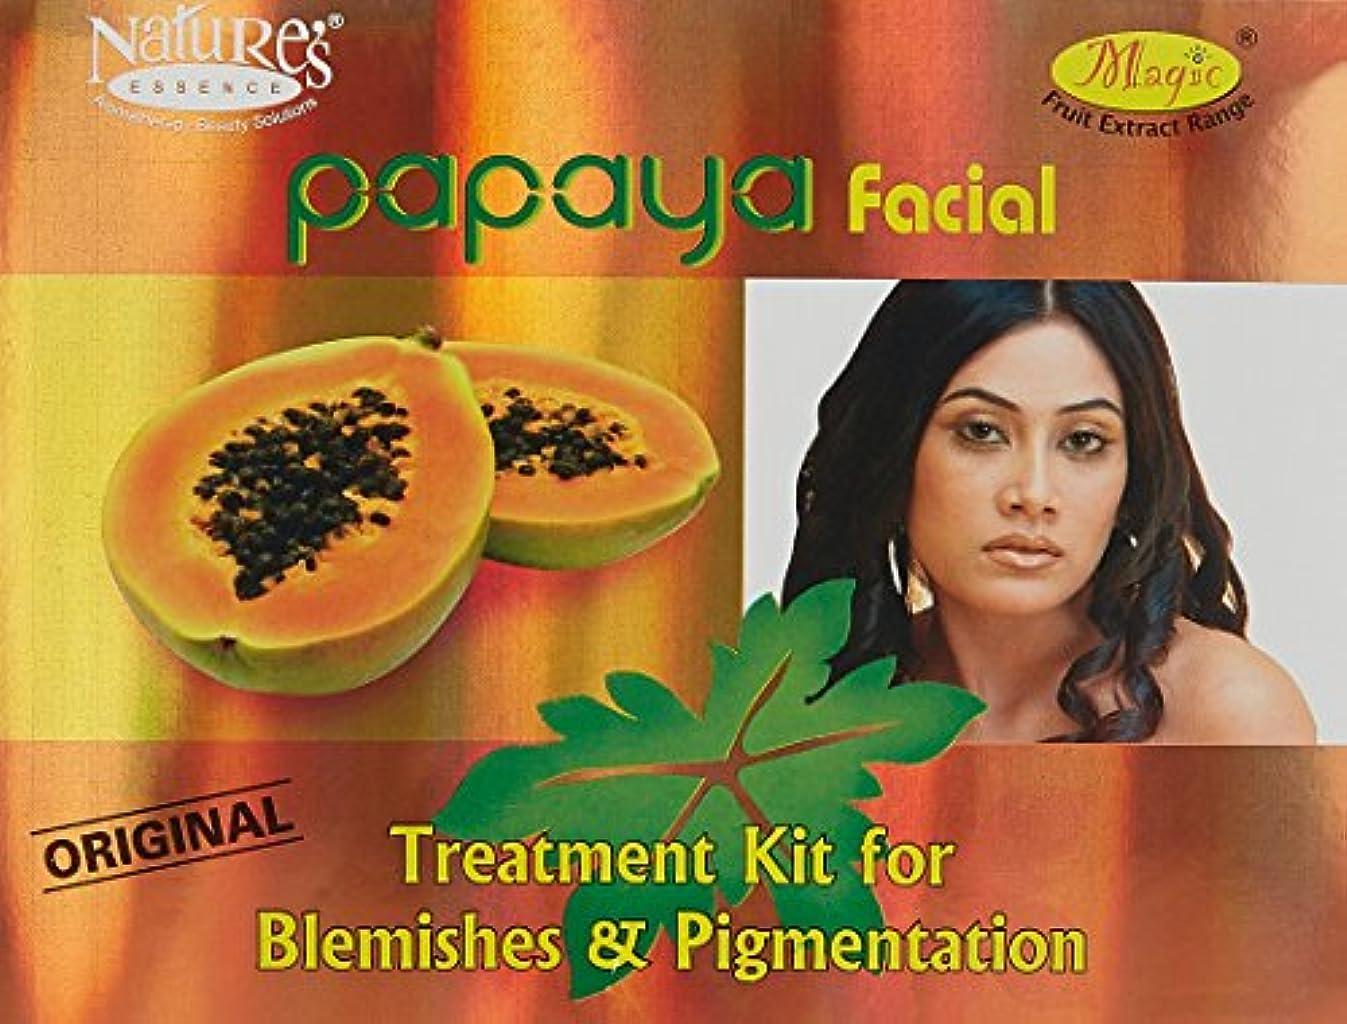 ビジタータワージョセフバンクス自然のエッセンスパパイヤフェイシャルキットシミ·色素沈着1キットNature's Essence Papaya Facial Kit Blemishes & Pigmentation 1 Kit